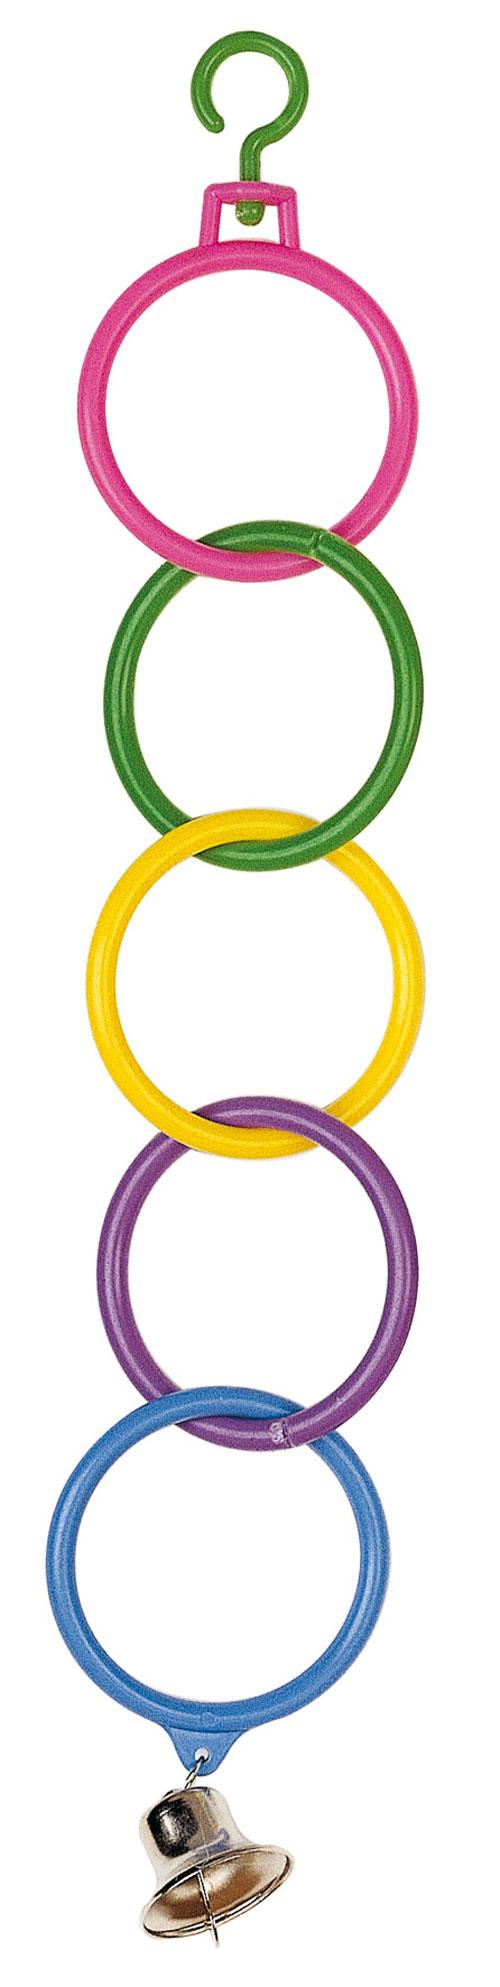 Ferplast PA 4270 Ολυμπιακοί κρίκοι παιχνίδι παπαγάλου